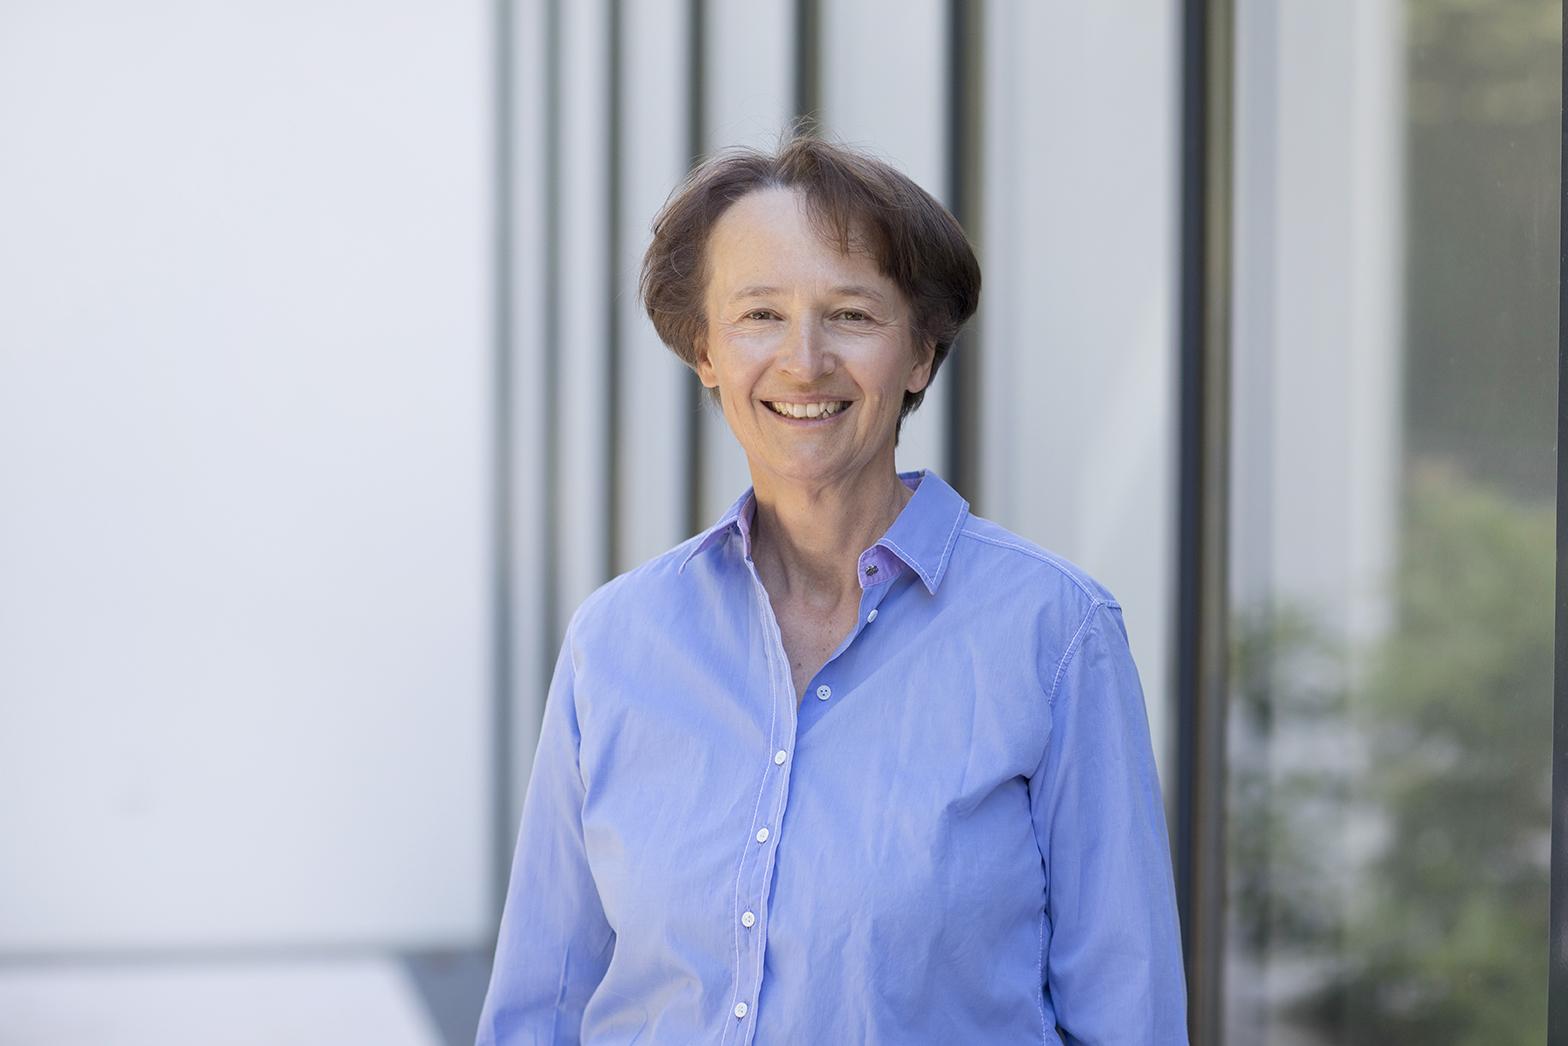 Dr. Eva Donner